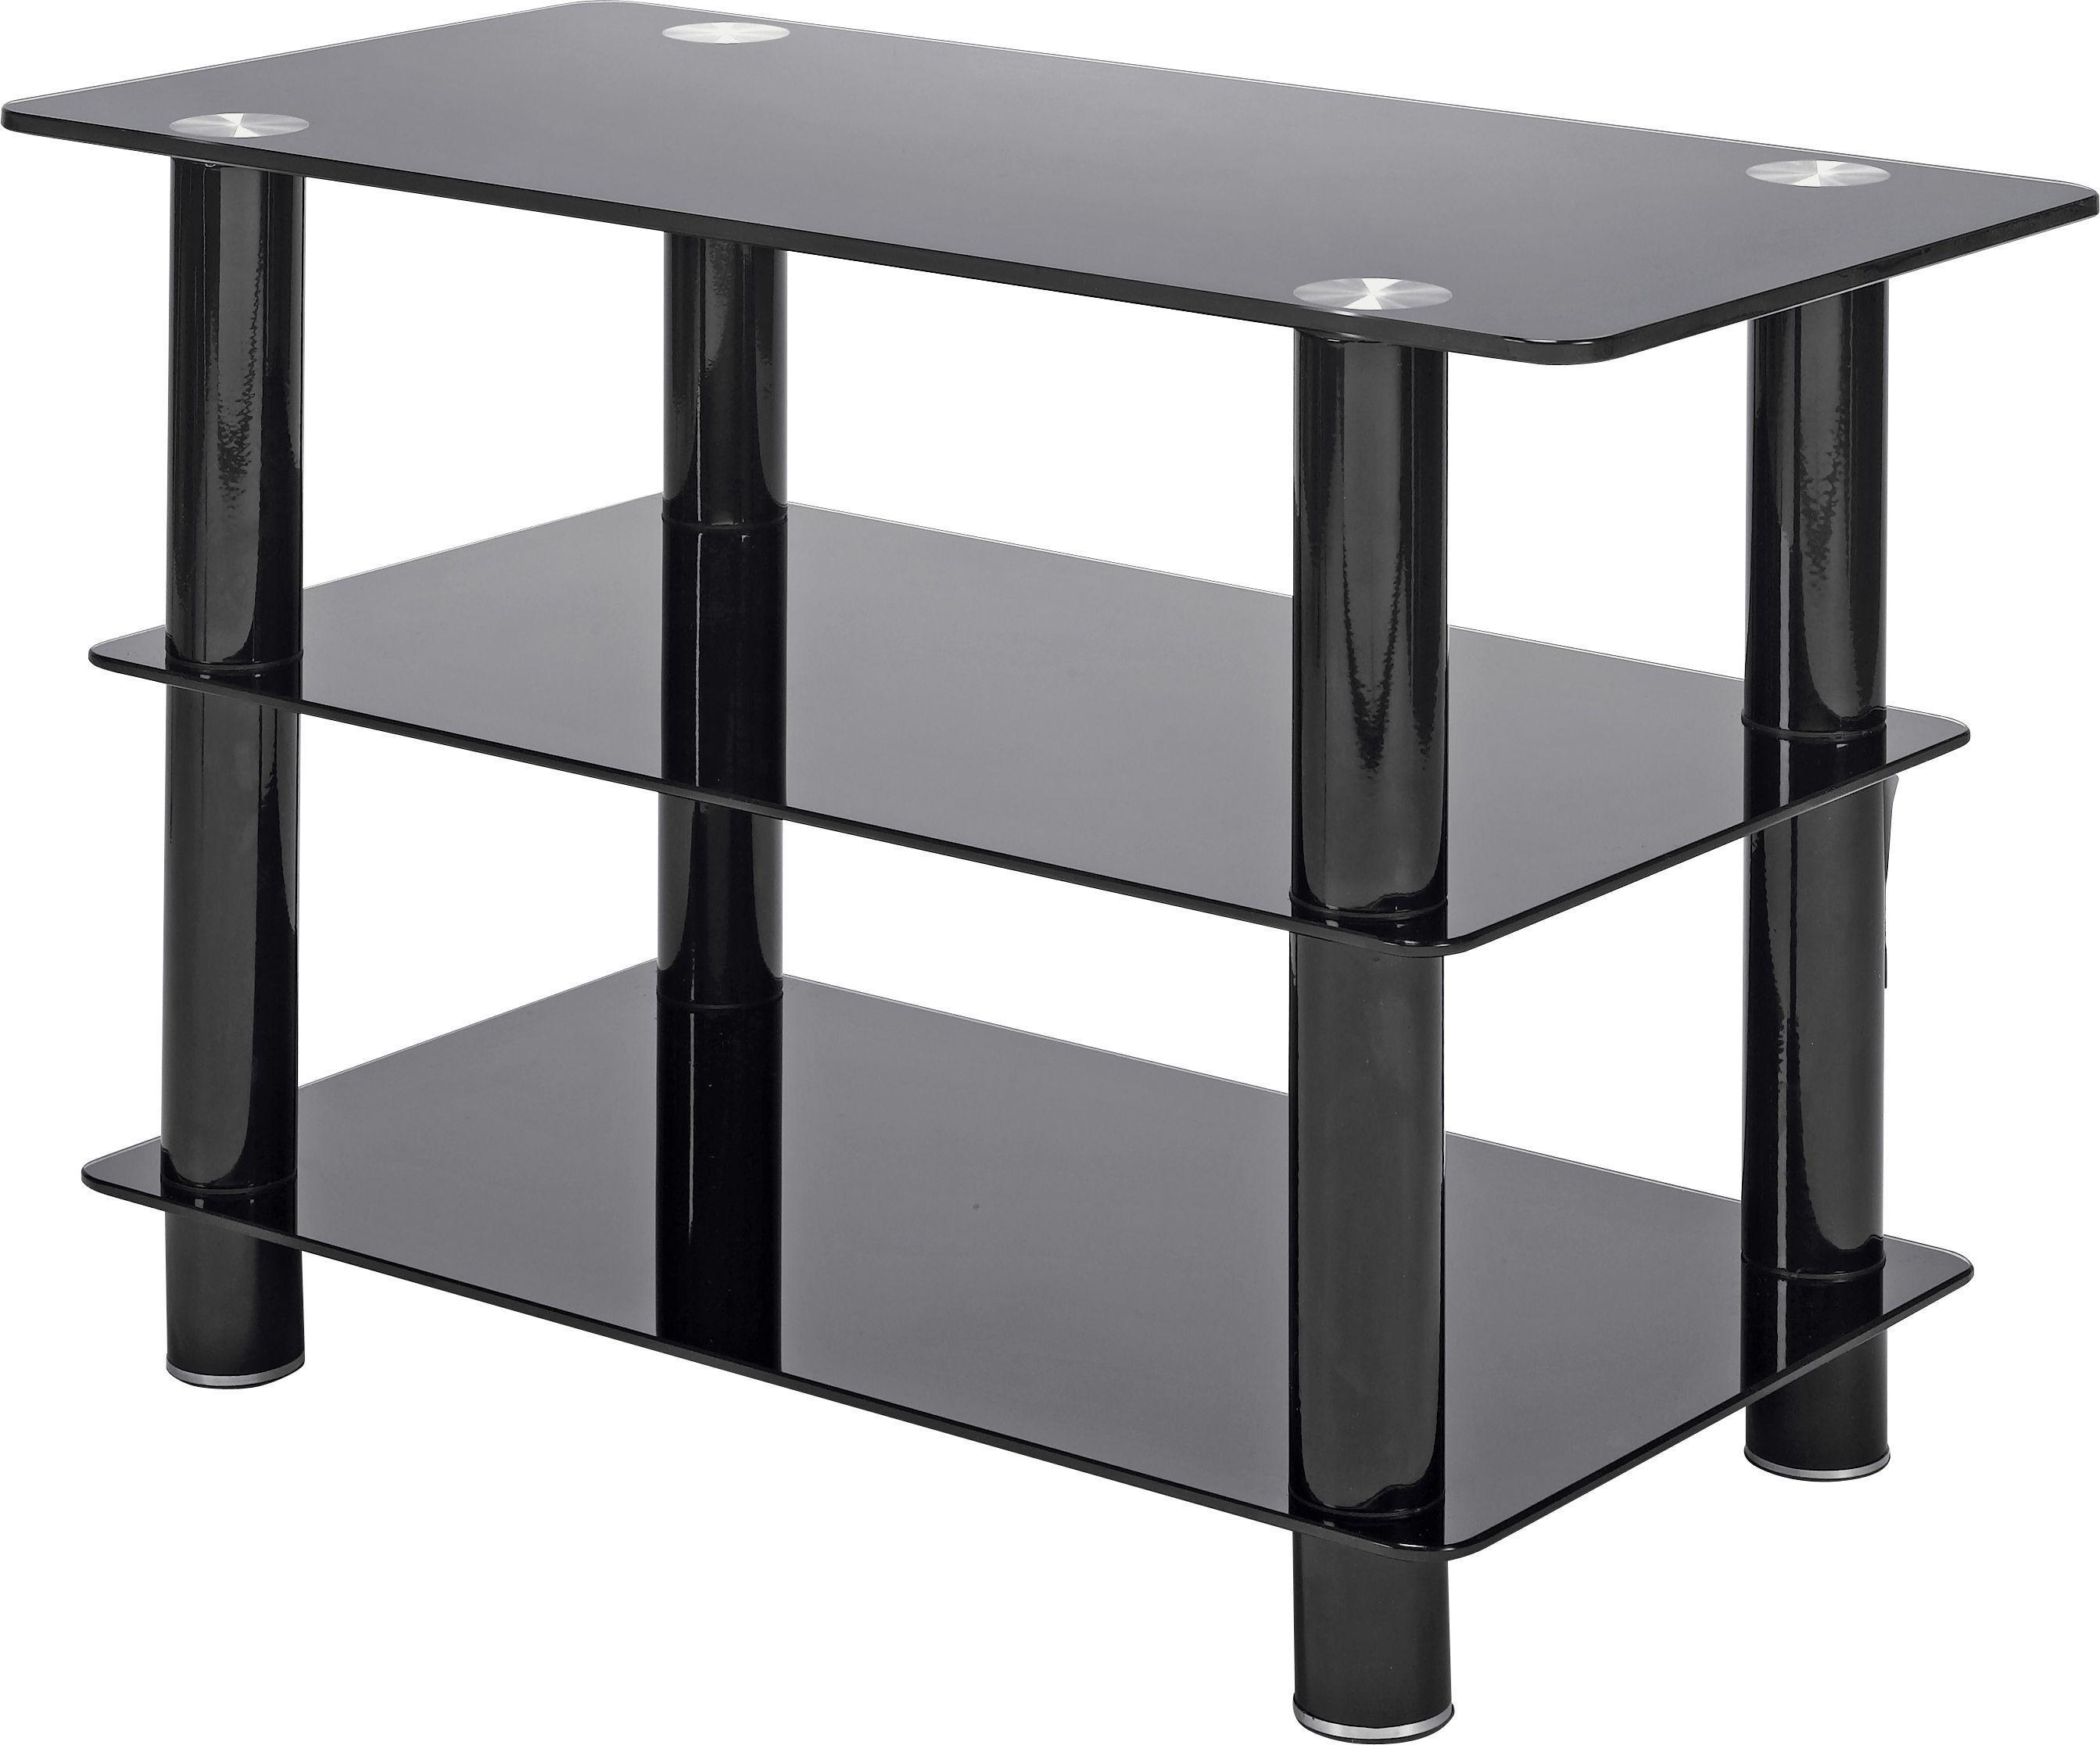 Black Glass 32 Inch Slimline TV Stand108/0036